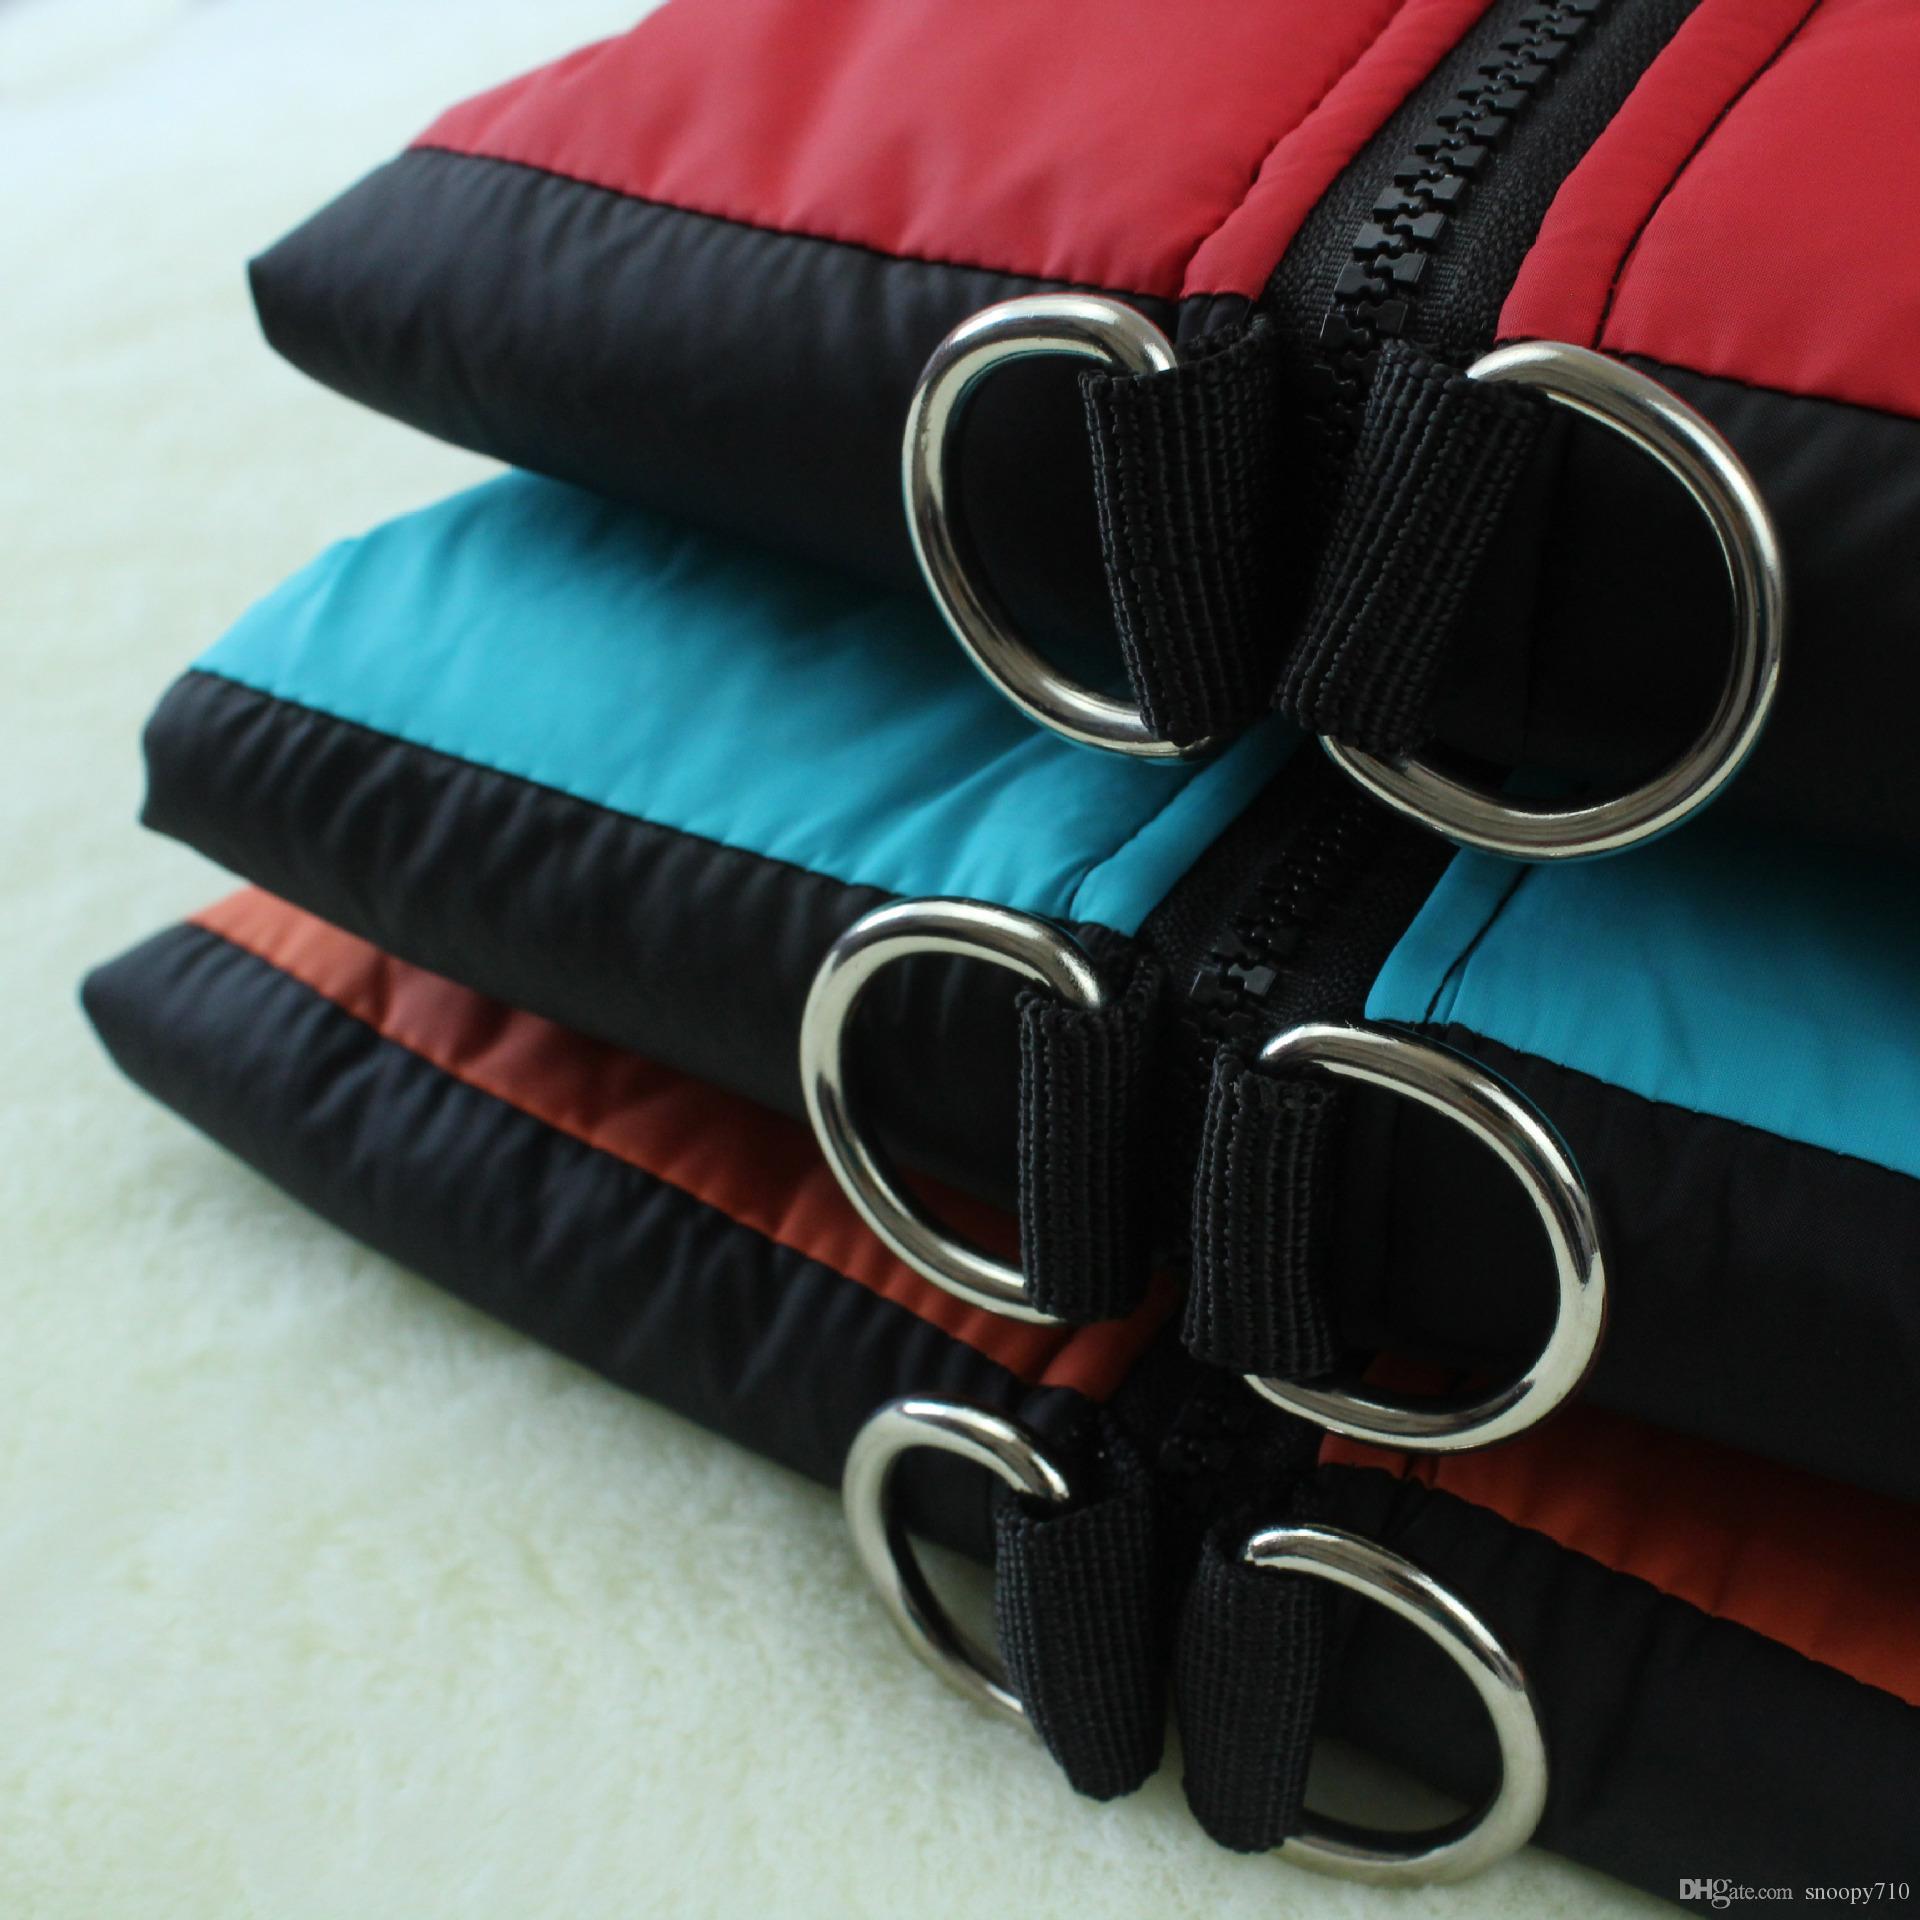 Best Seller Inverno Pet Vestiti cani Warm Down Jacket Cappotto impermeabile S-5XL Felpe con cappuccio Chihuahua Small Medium Dogs Puppy PETASIA